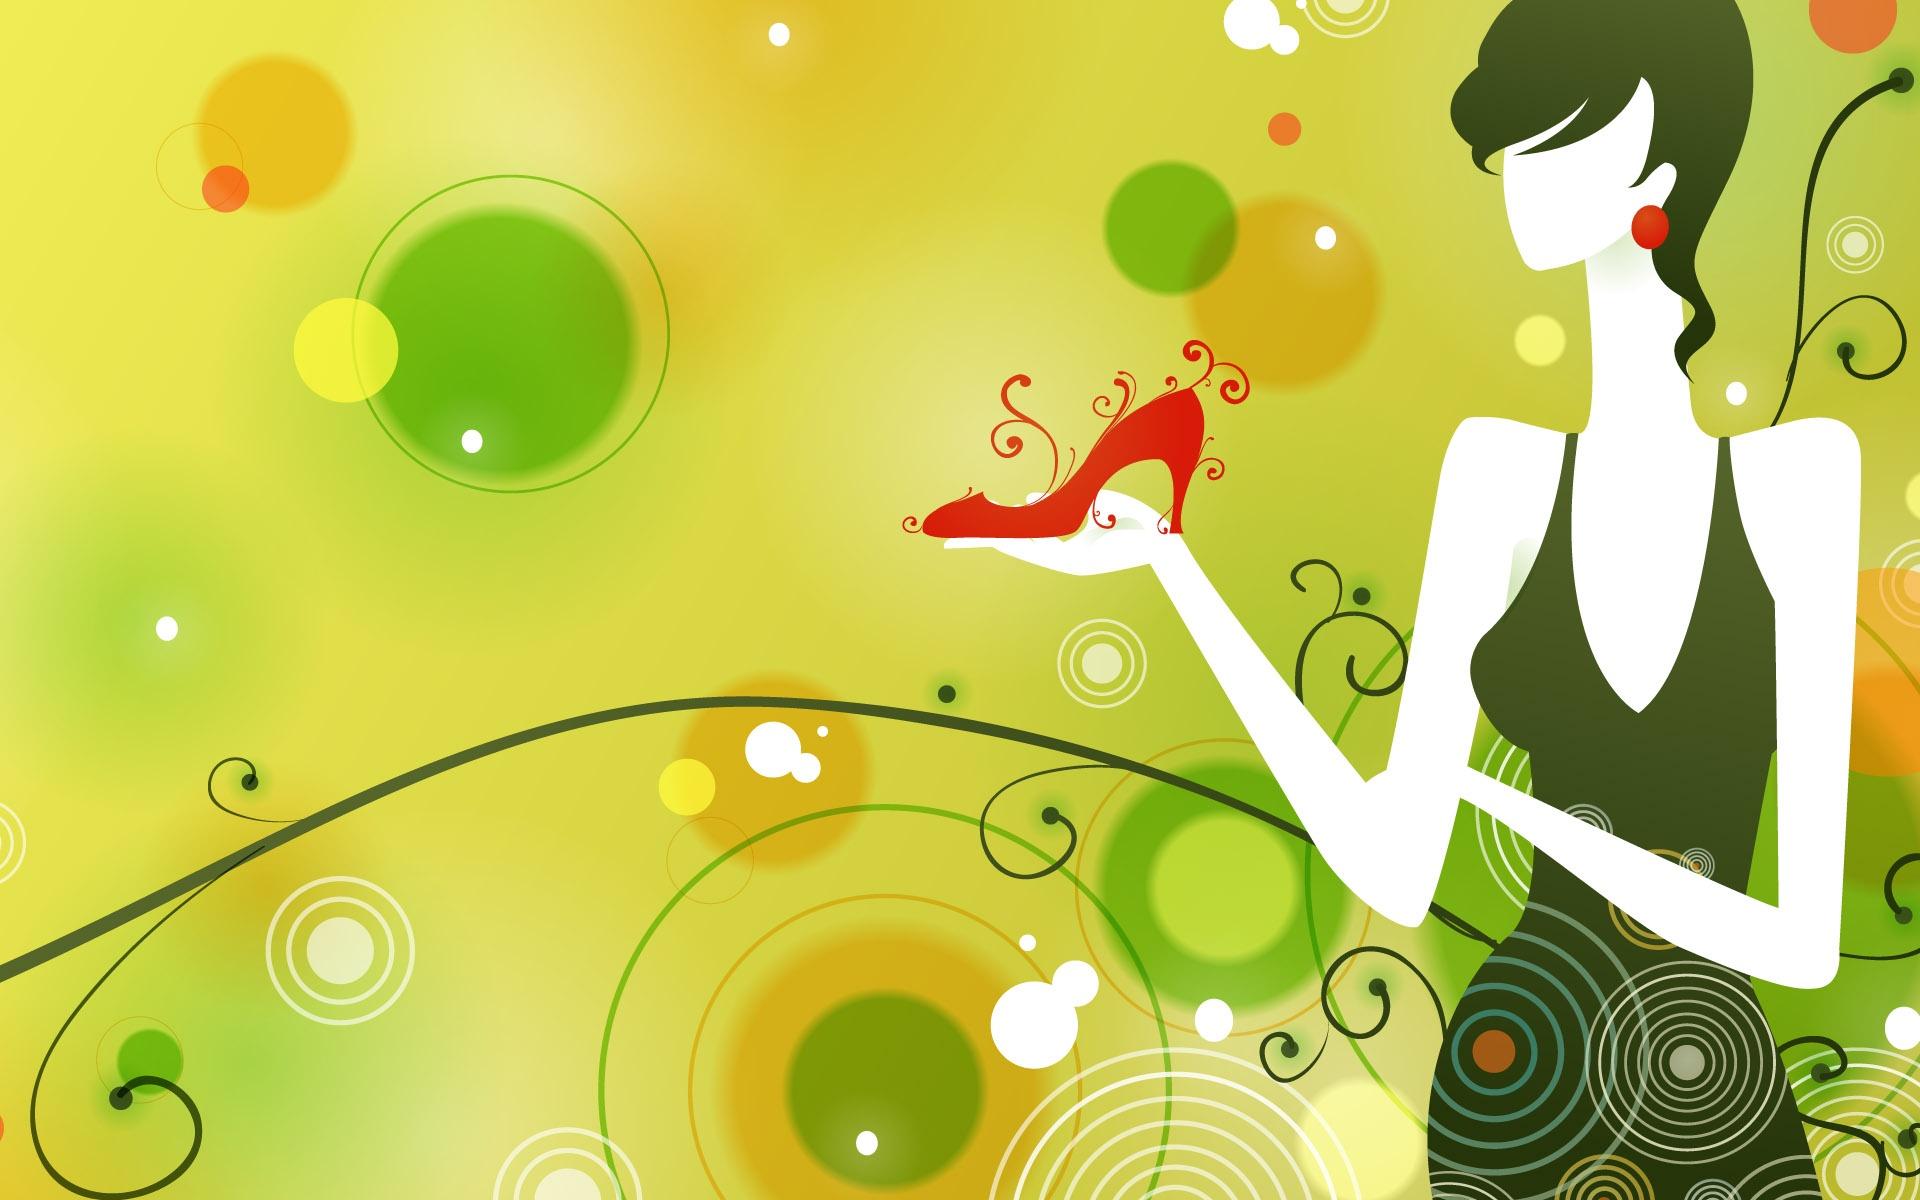 矢量设计-时尚女性(1920x1200)壁纸 - 桌面壁纸【壁纸